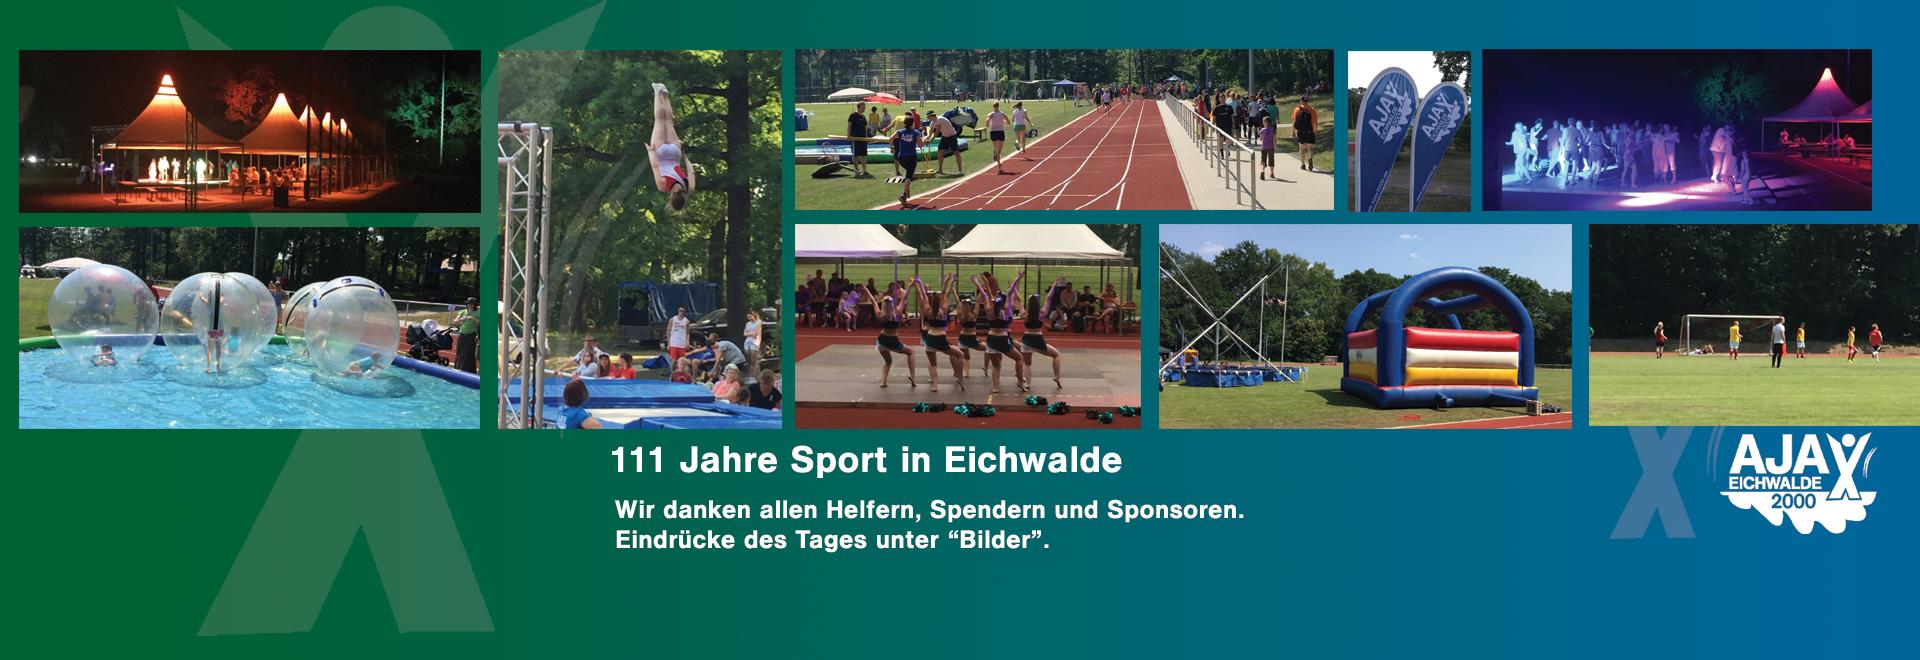 Banner-Sportfest